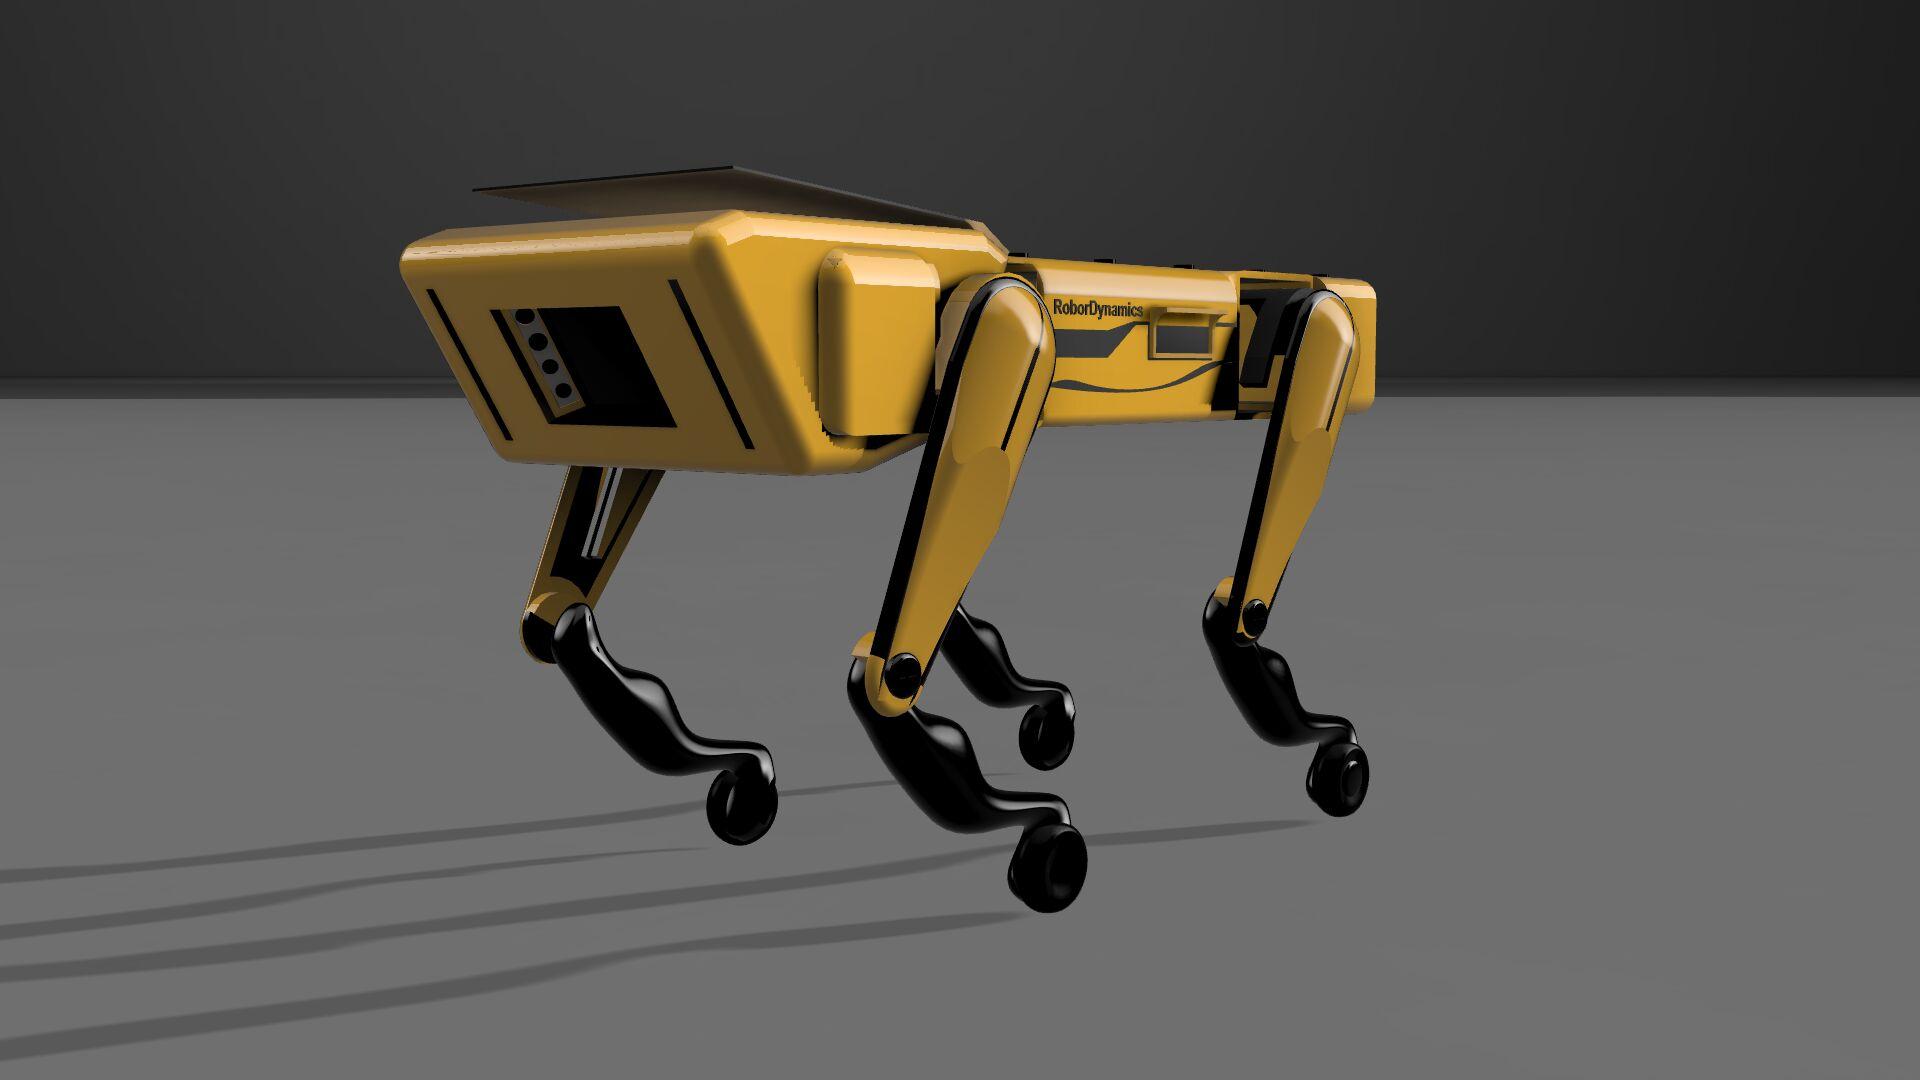 Dog-robot-v3-3500-3500